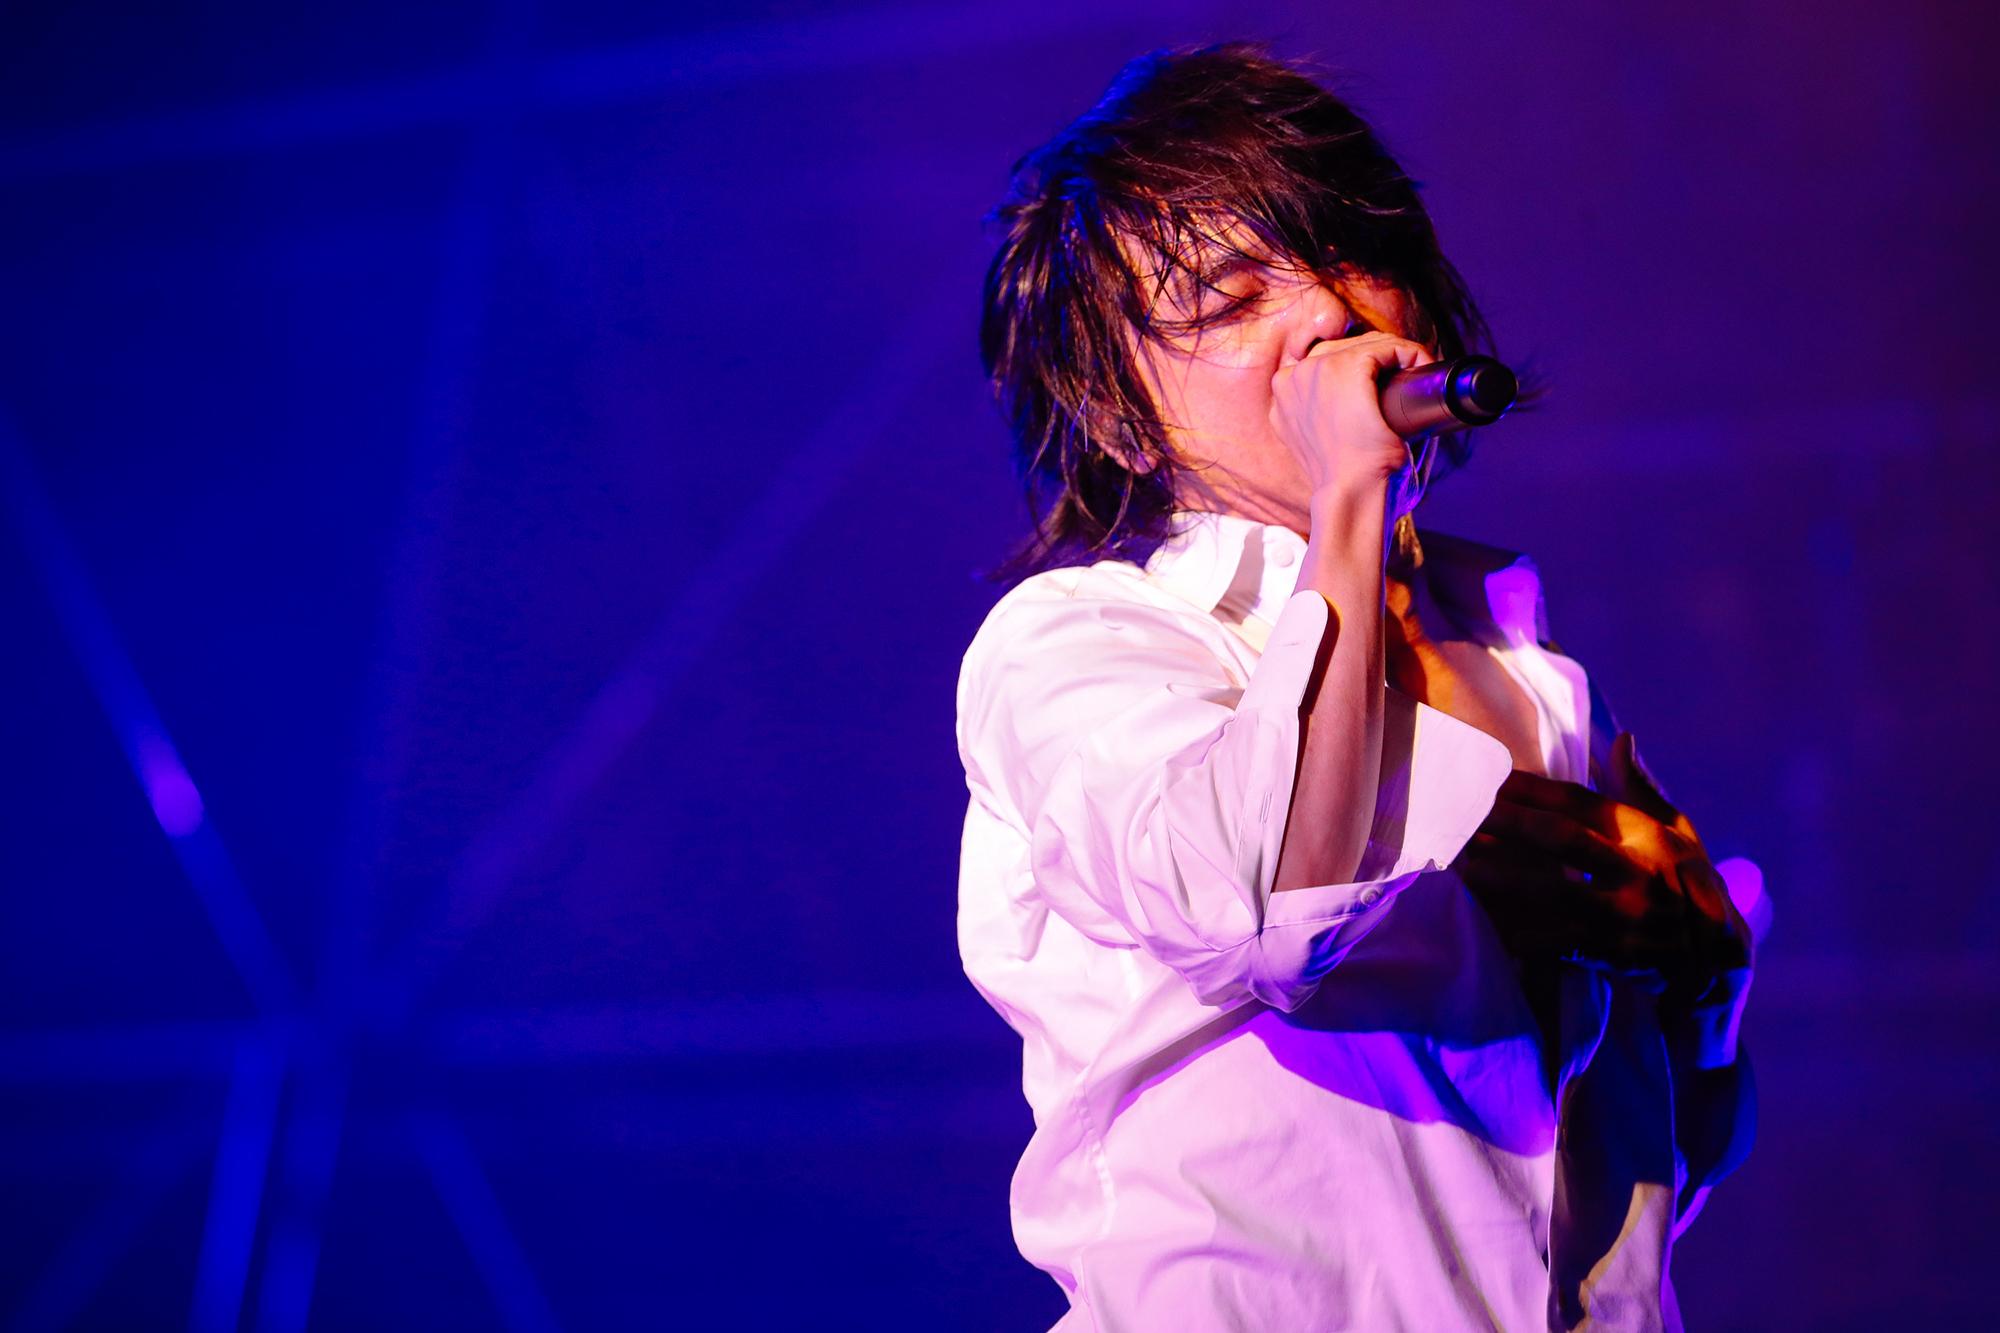 エレファントカシマシ Photo by 上山陽介